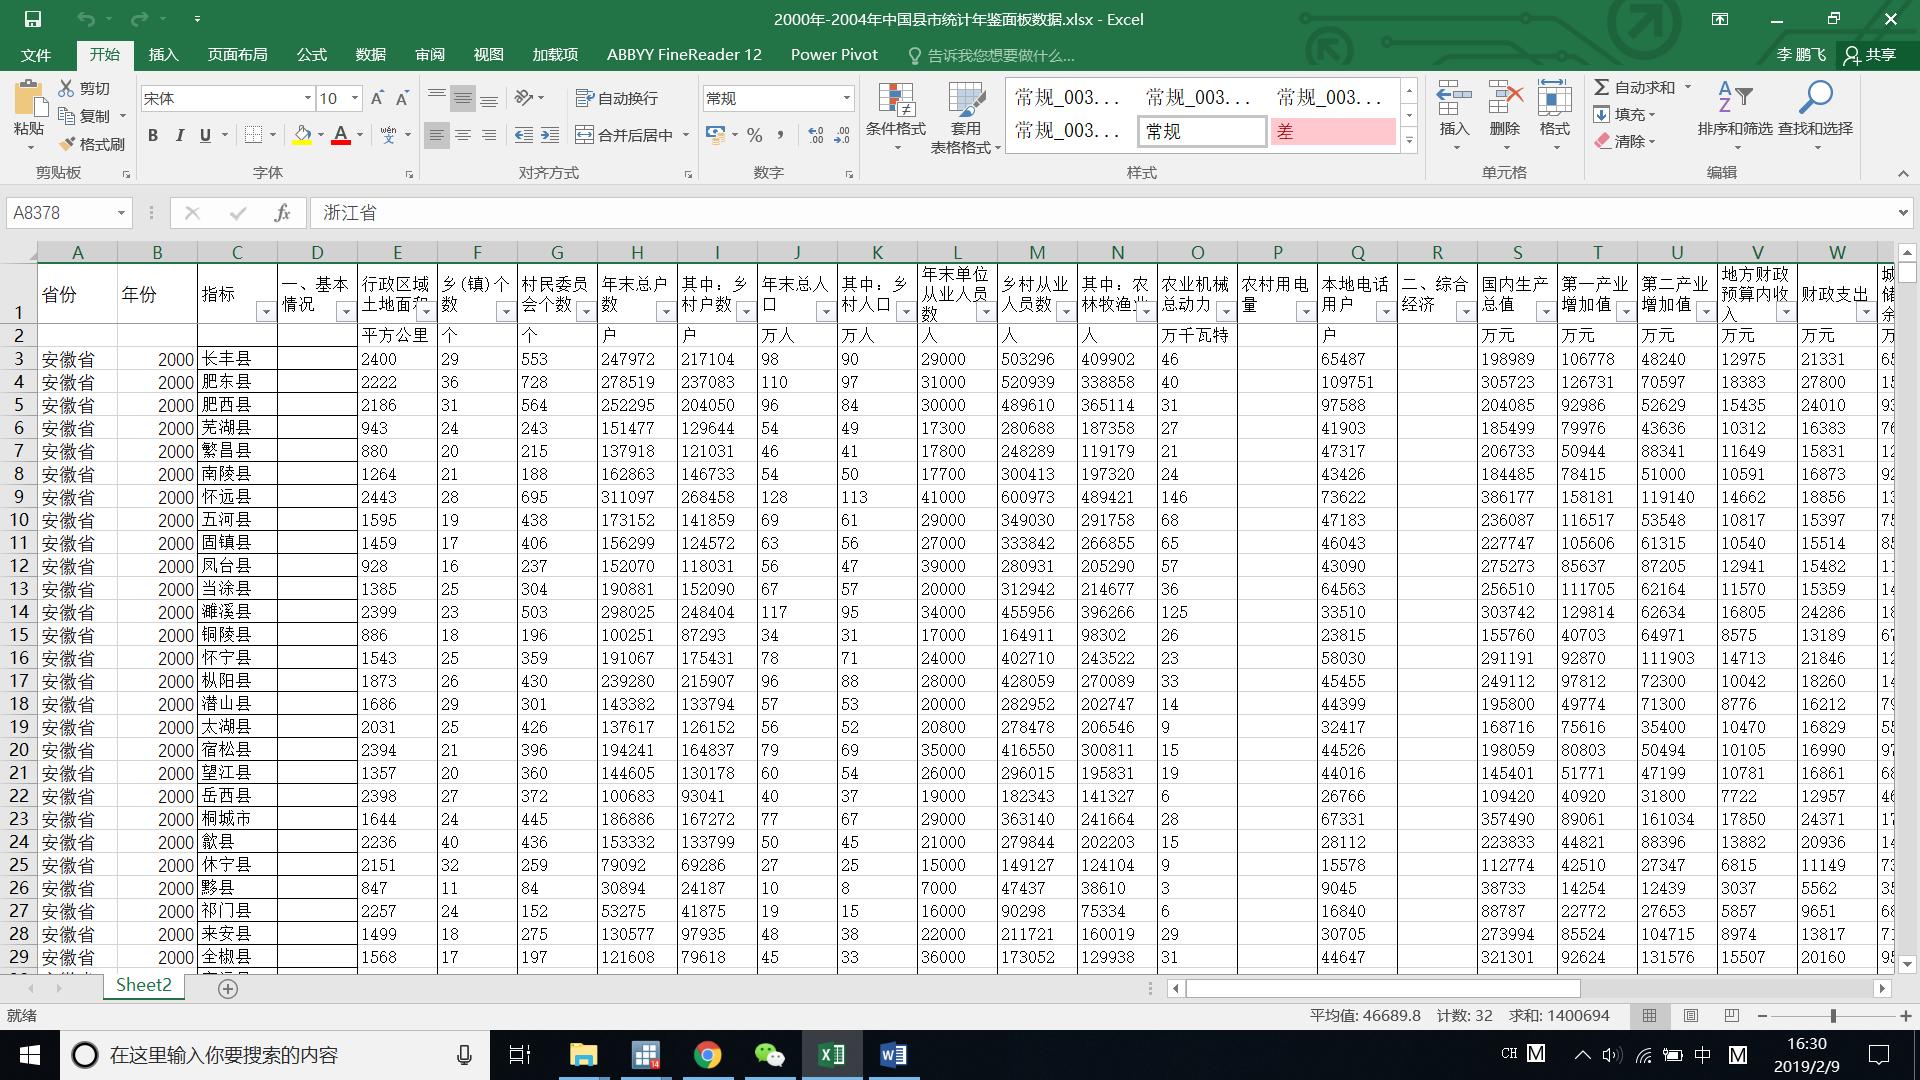 2000年-2004年中国县市统计年鉴面板数据示例1.png